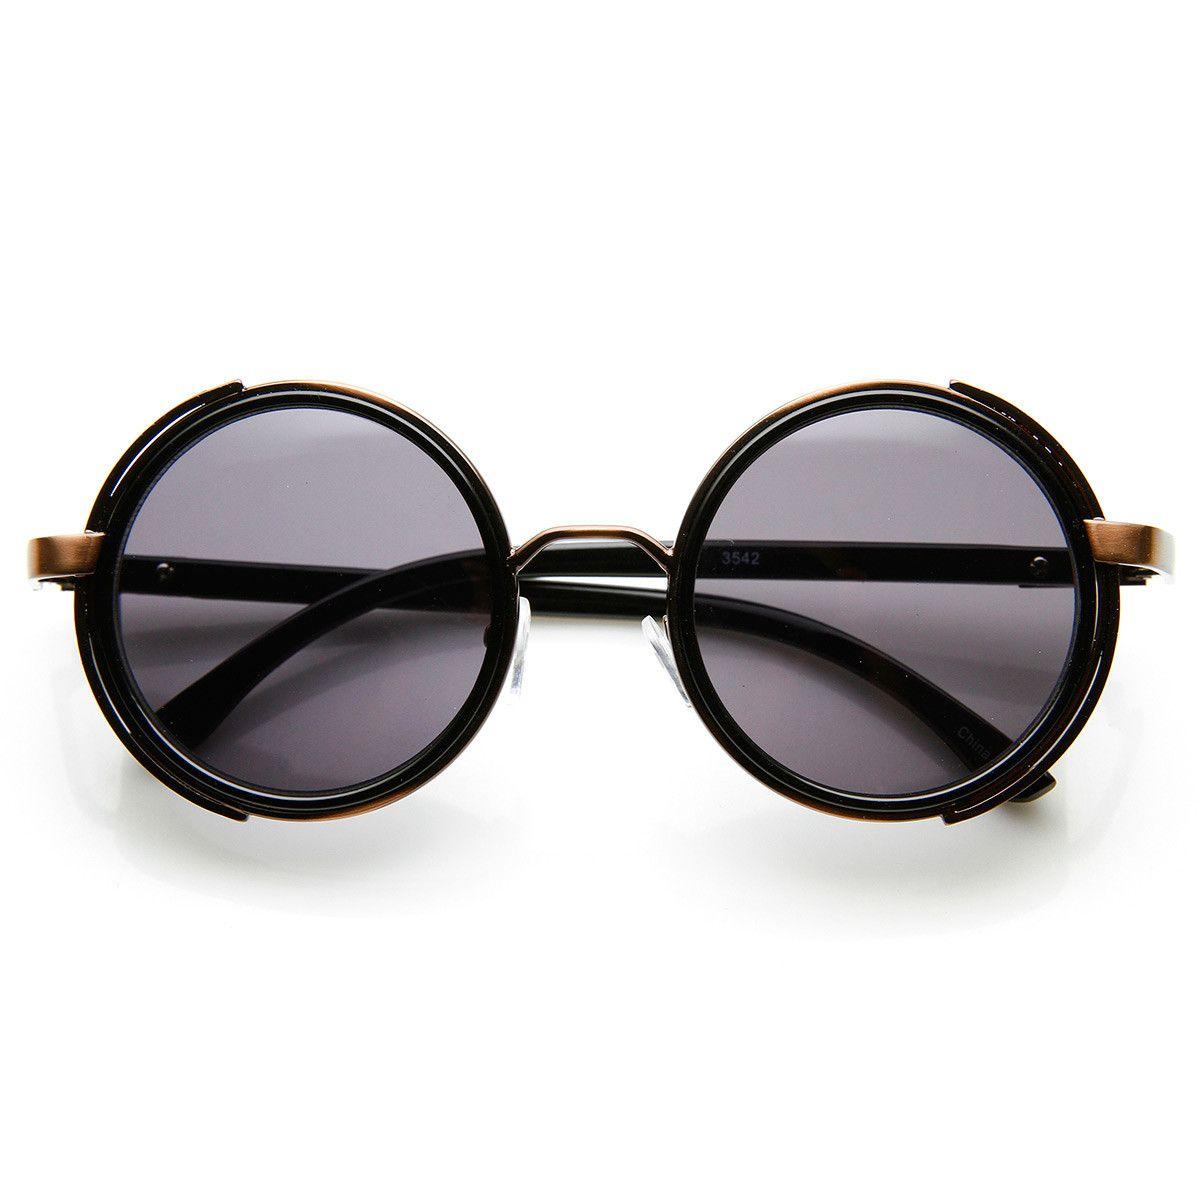 da3f5d45931 Studio Cover Faux Leather Side Shield Steampunk Round Sunglasses ...